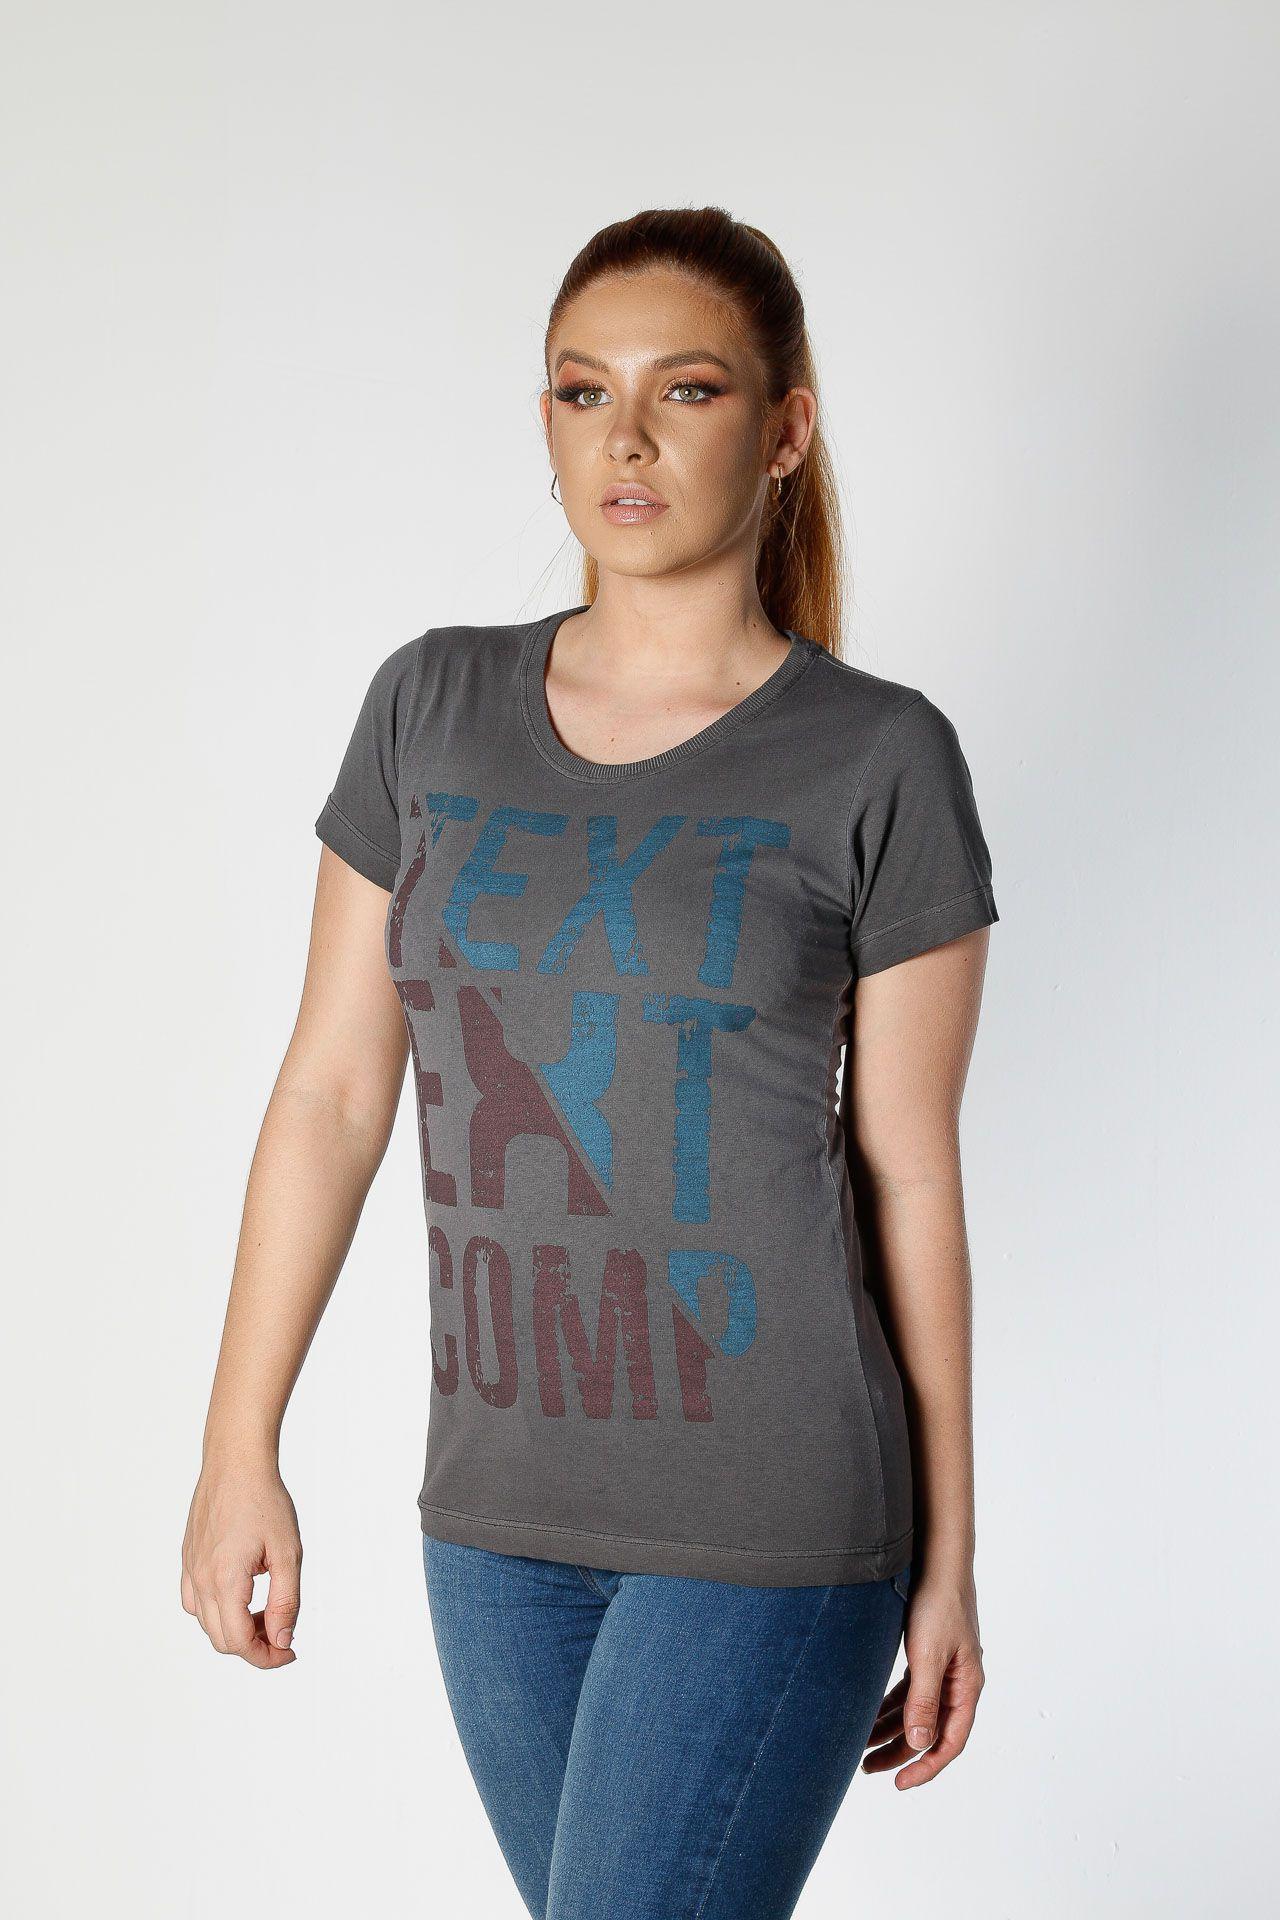 Camiseta Feminina TXC 4527